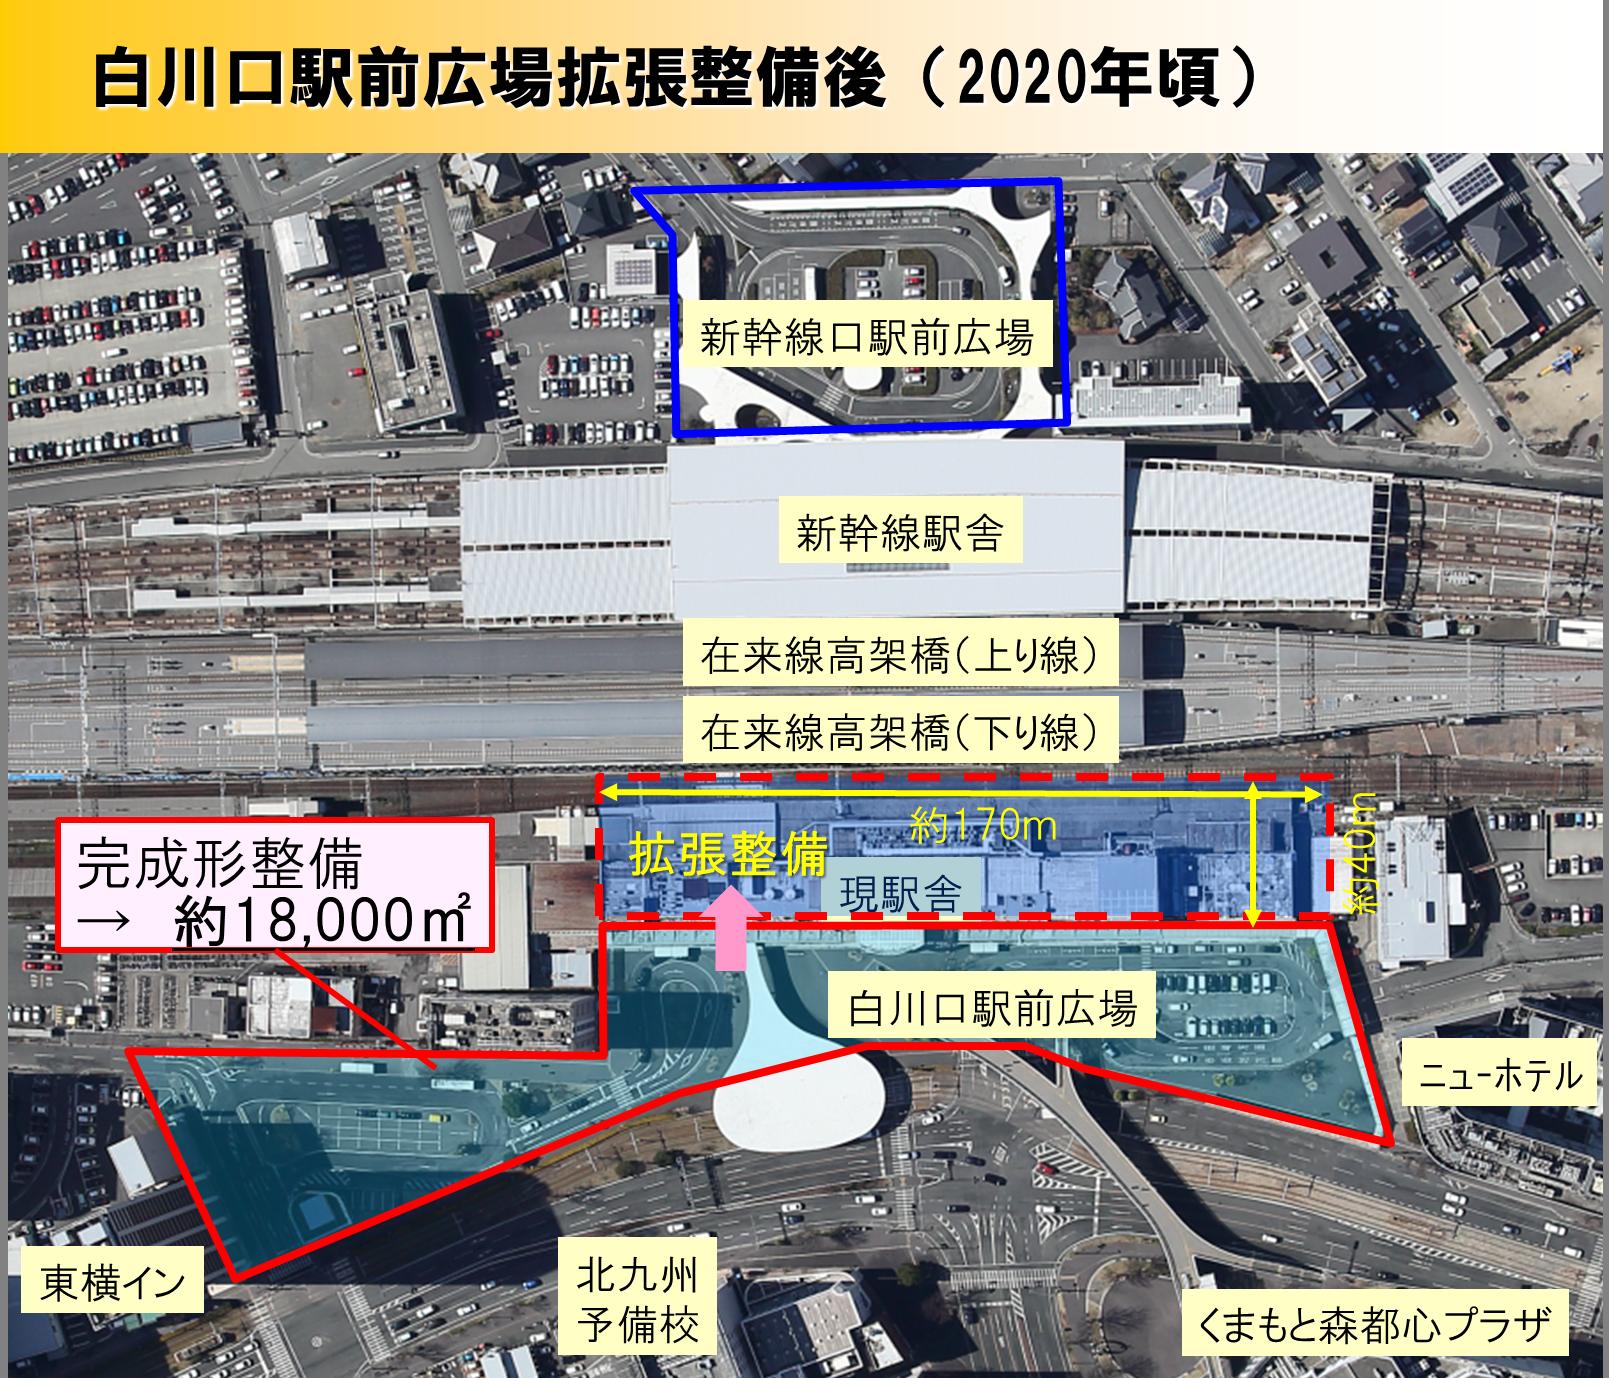 白川口駅前広場拡張整備後(2020年頃)の様子